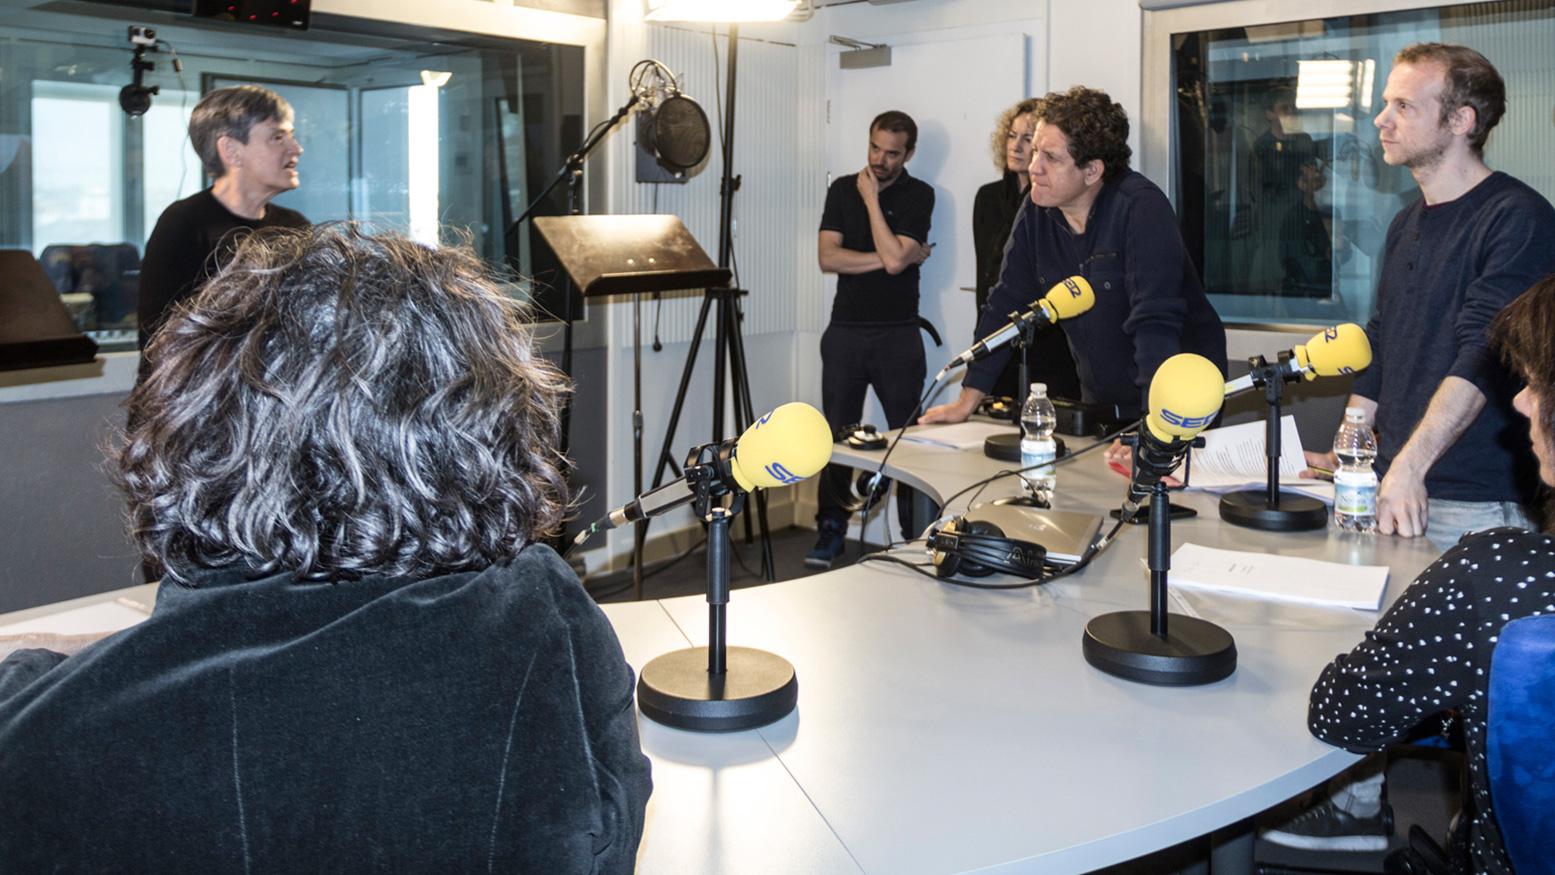 Luisa Etxenike habla con los intérpretes y la directora durante la grabación